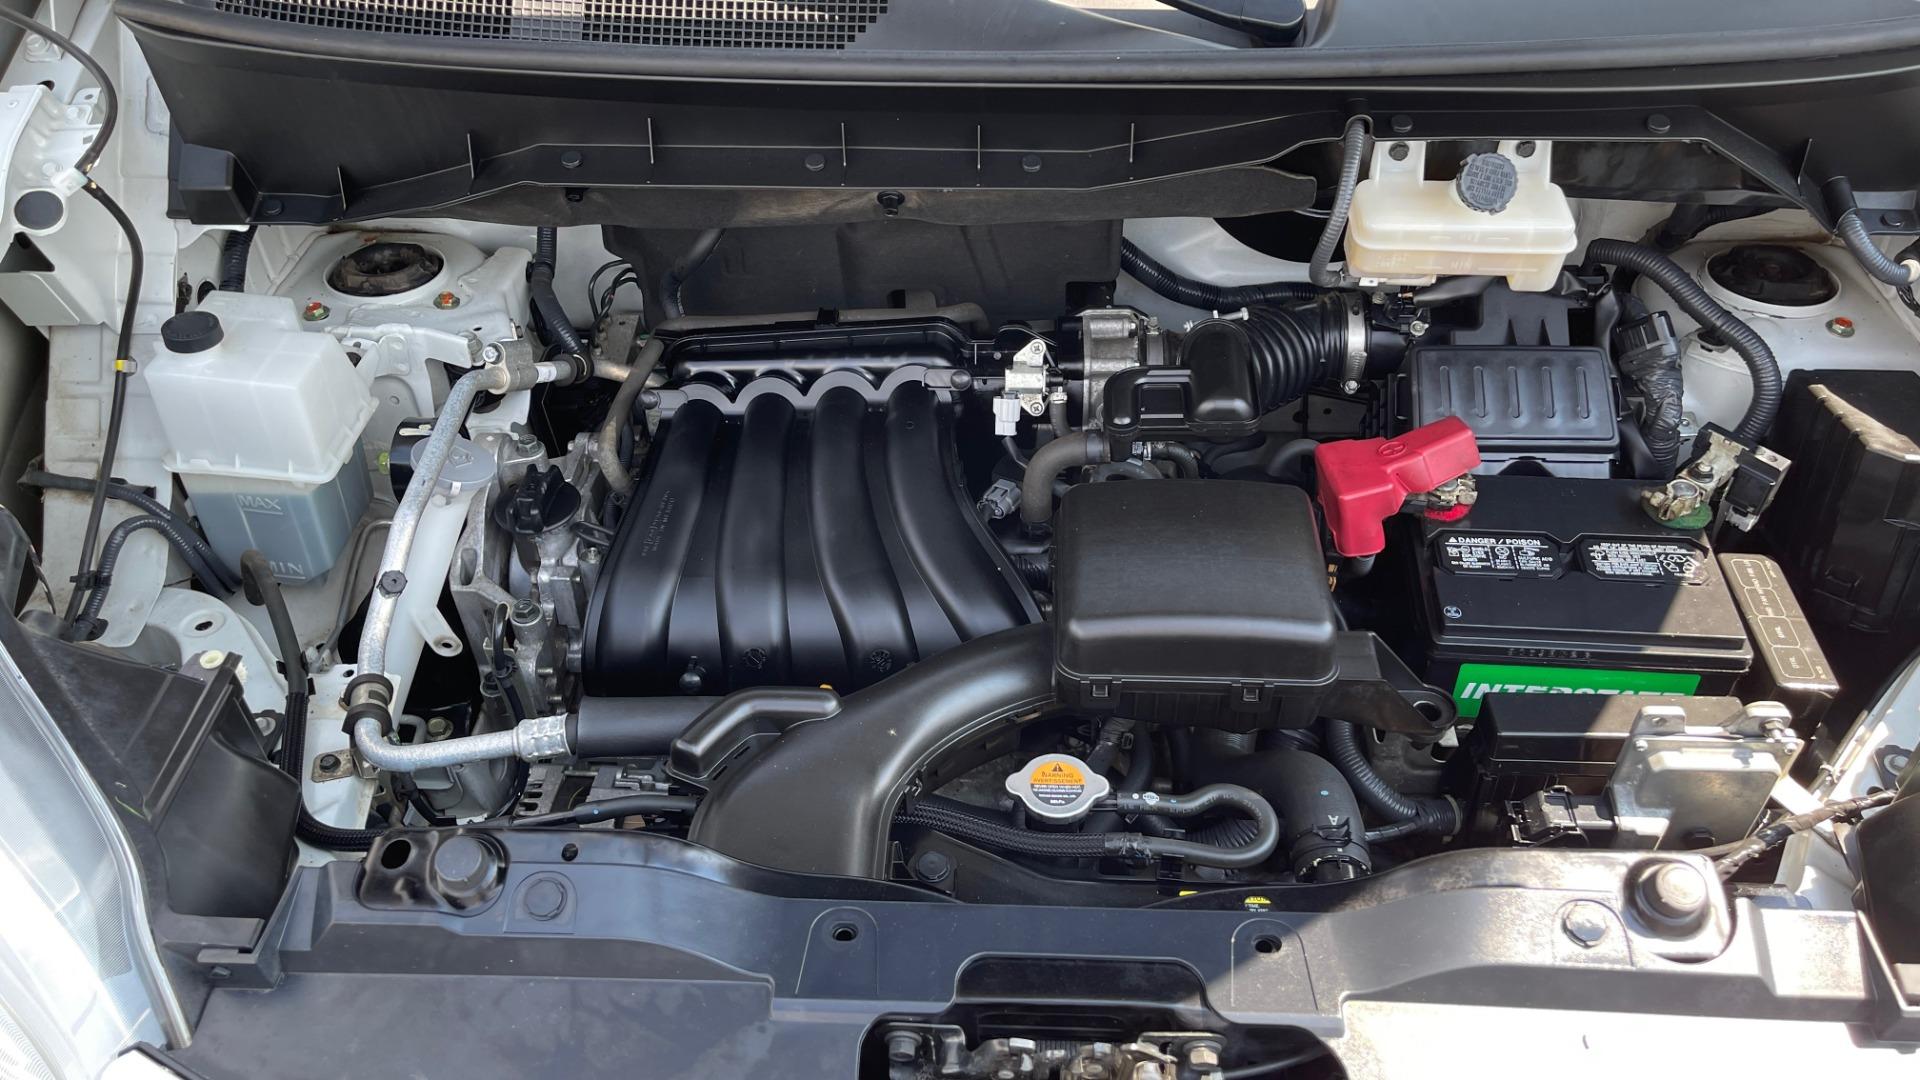 Used 2016 Nissan NV200 SV / WORK VAN / EXT APPEARNACE PKG / SPLASH GUARDS for sale $14,999 at Formula Imports in Charlotte NC 28227 29